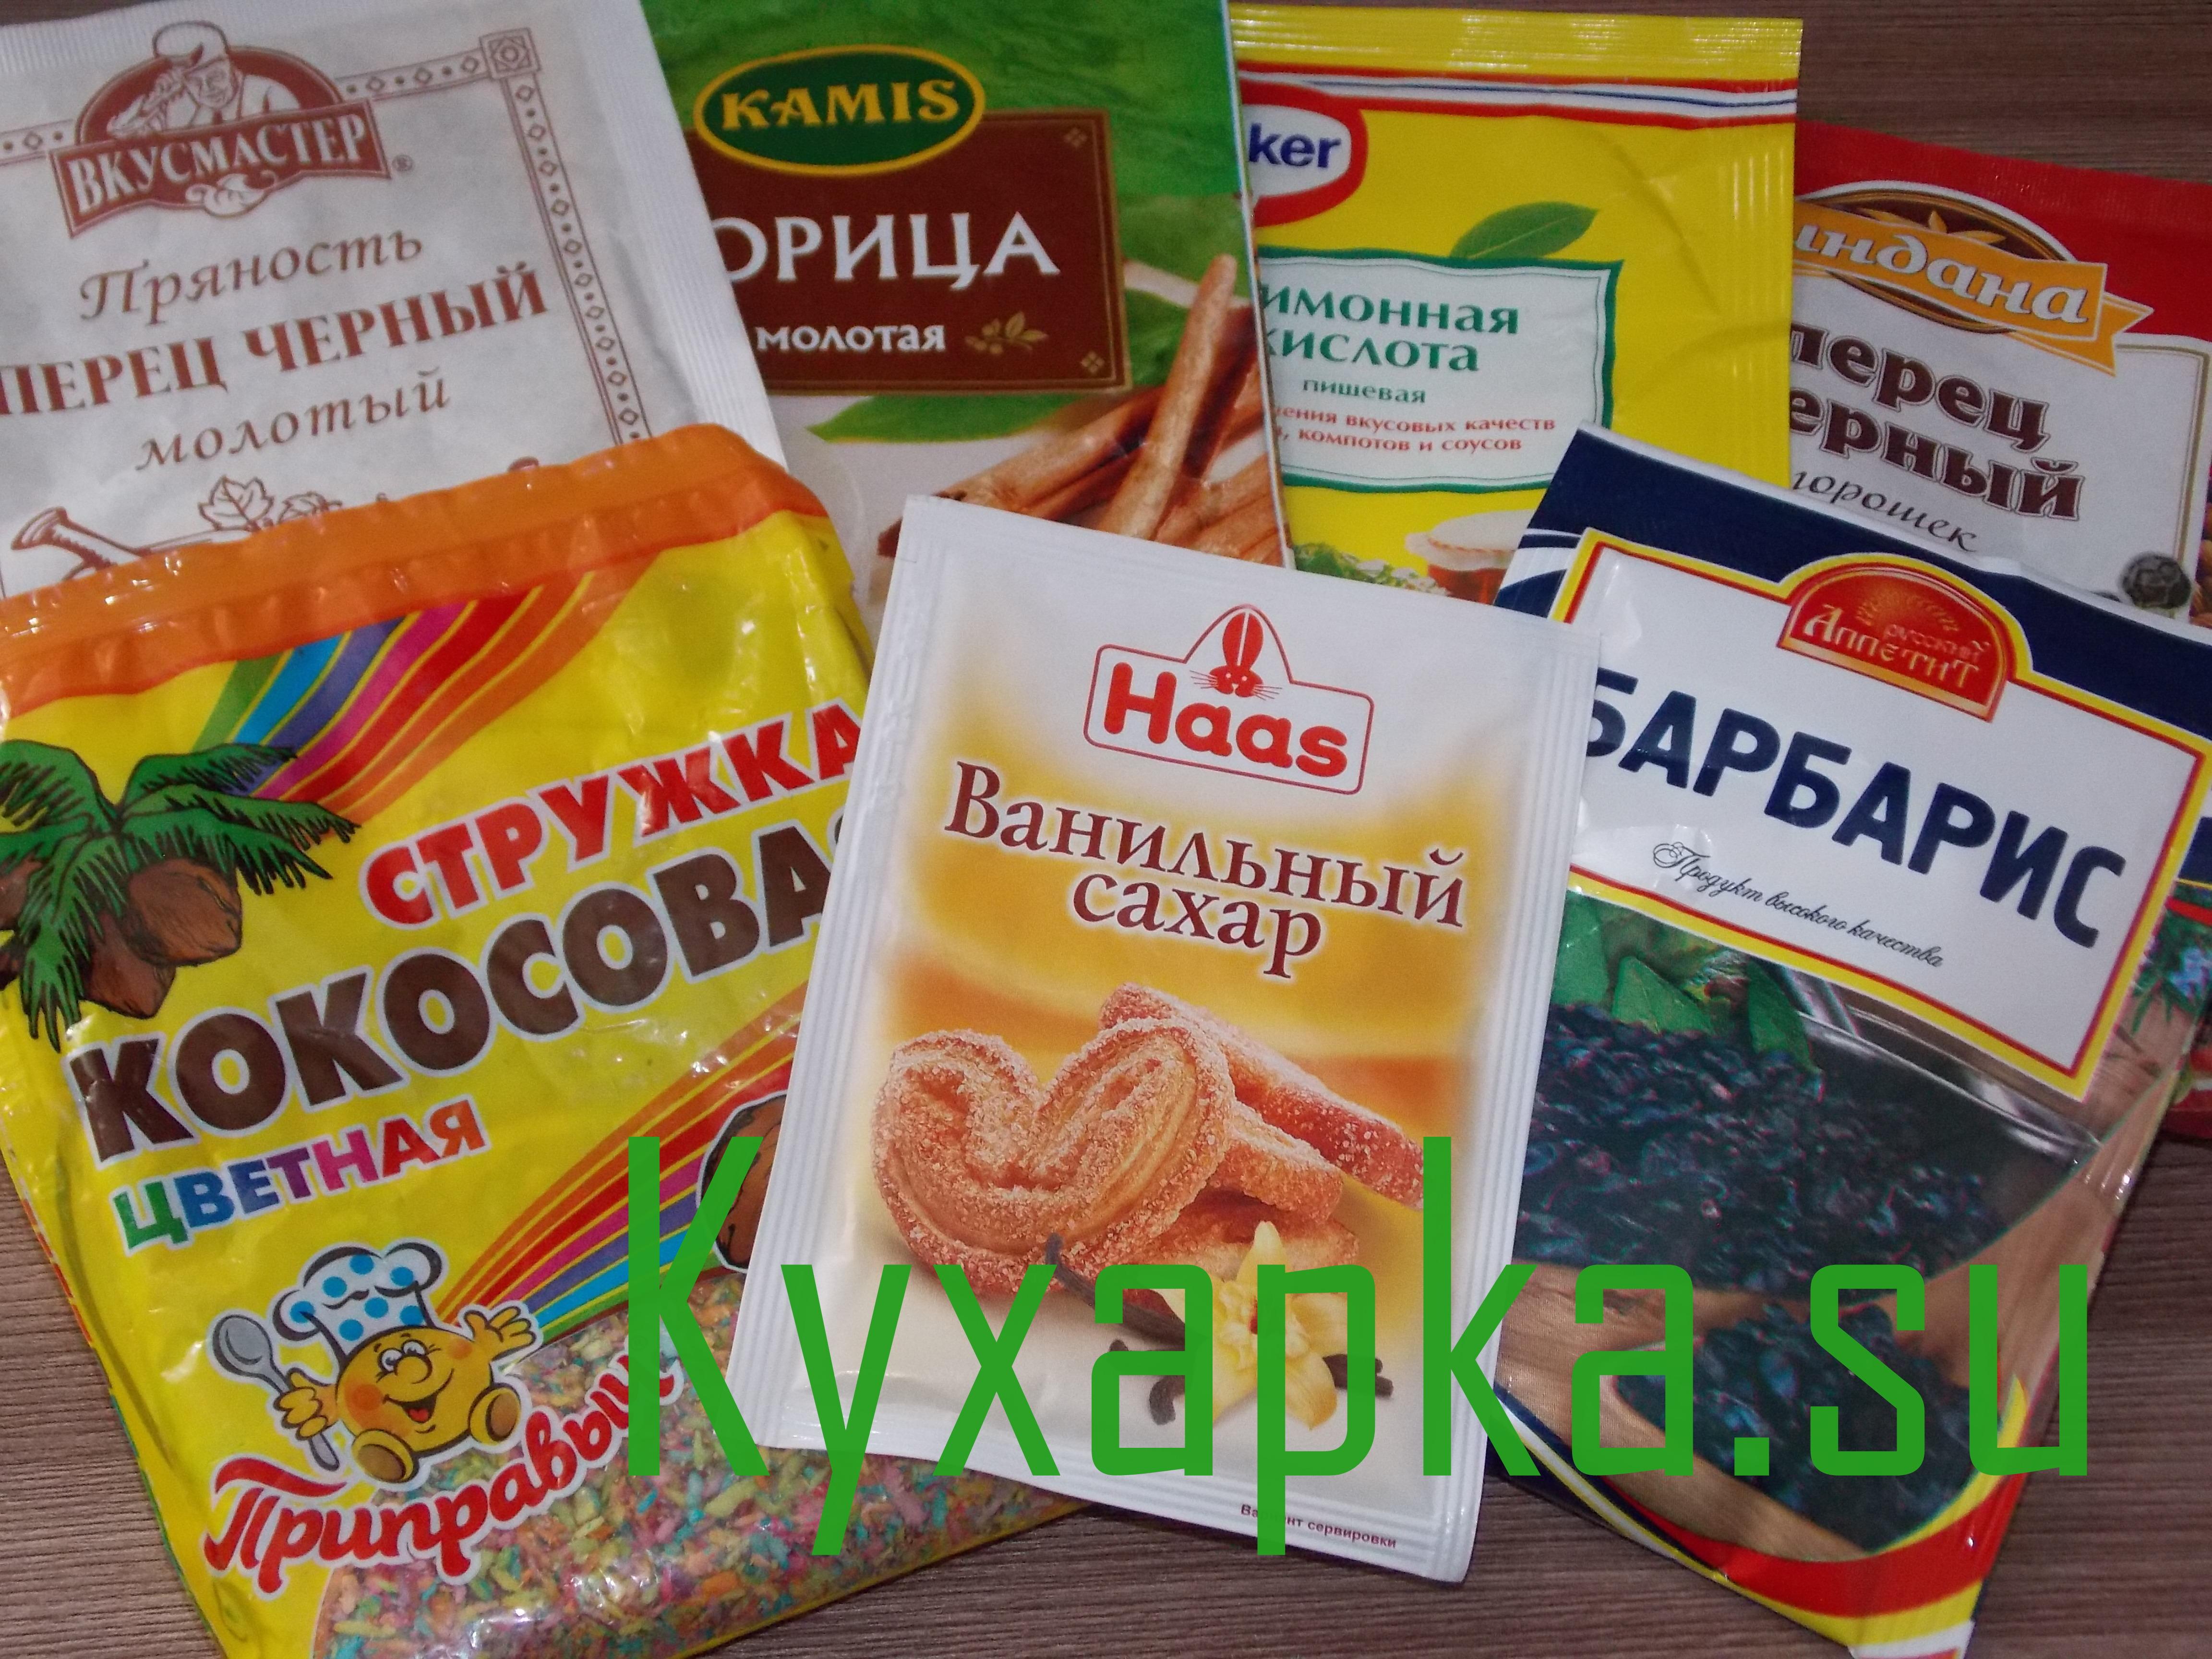 Как правильно хранить сухие специи и приправы kyxapka.su